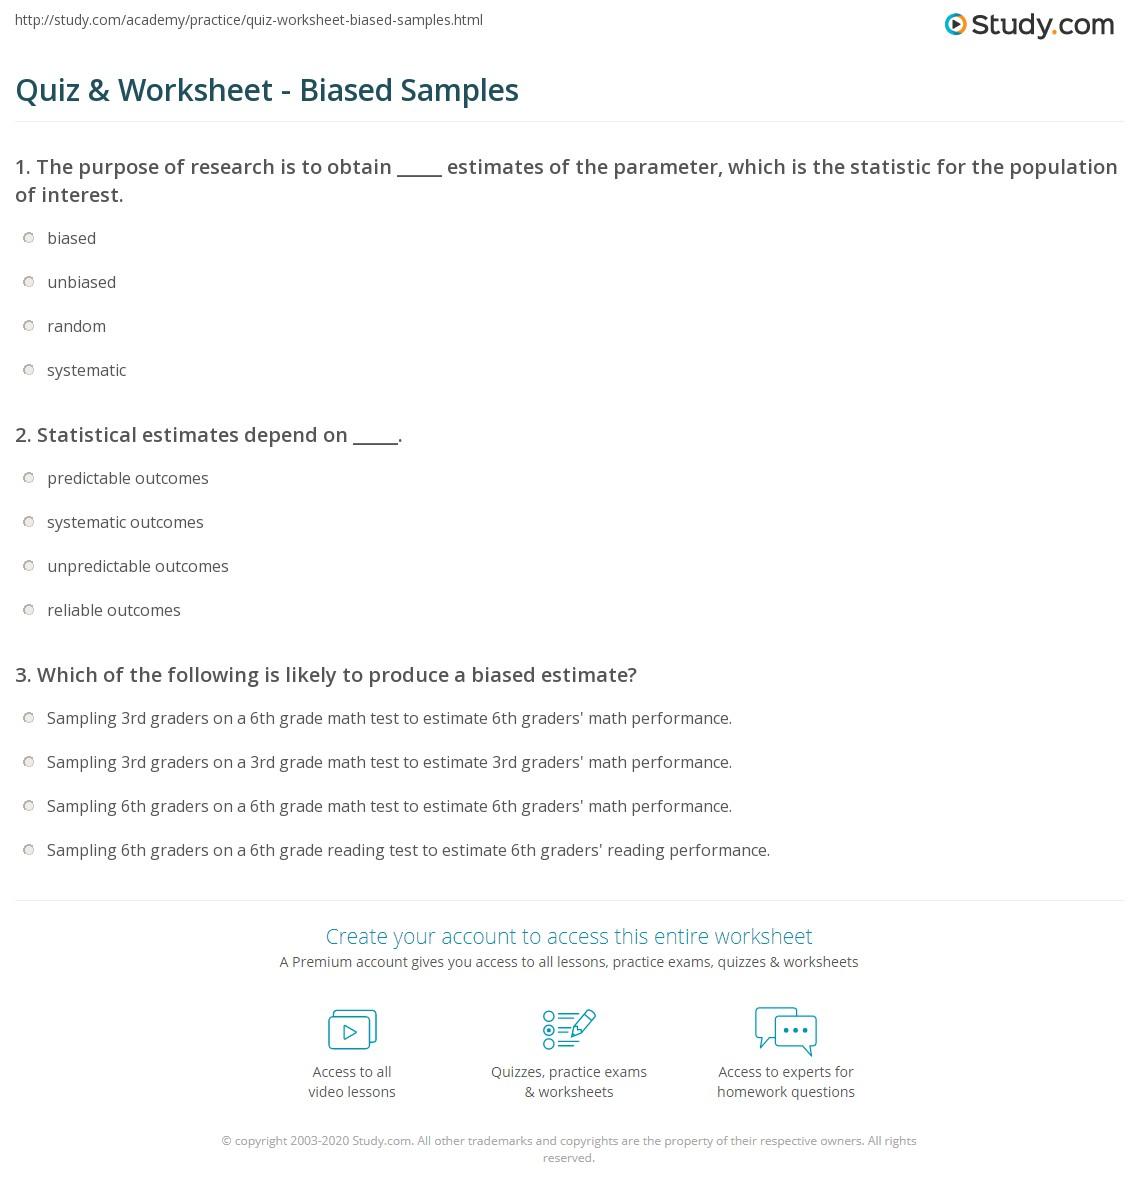 quiz worksheet biased samples. Black Bedroom Furniture Sets. Home Design Ideas